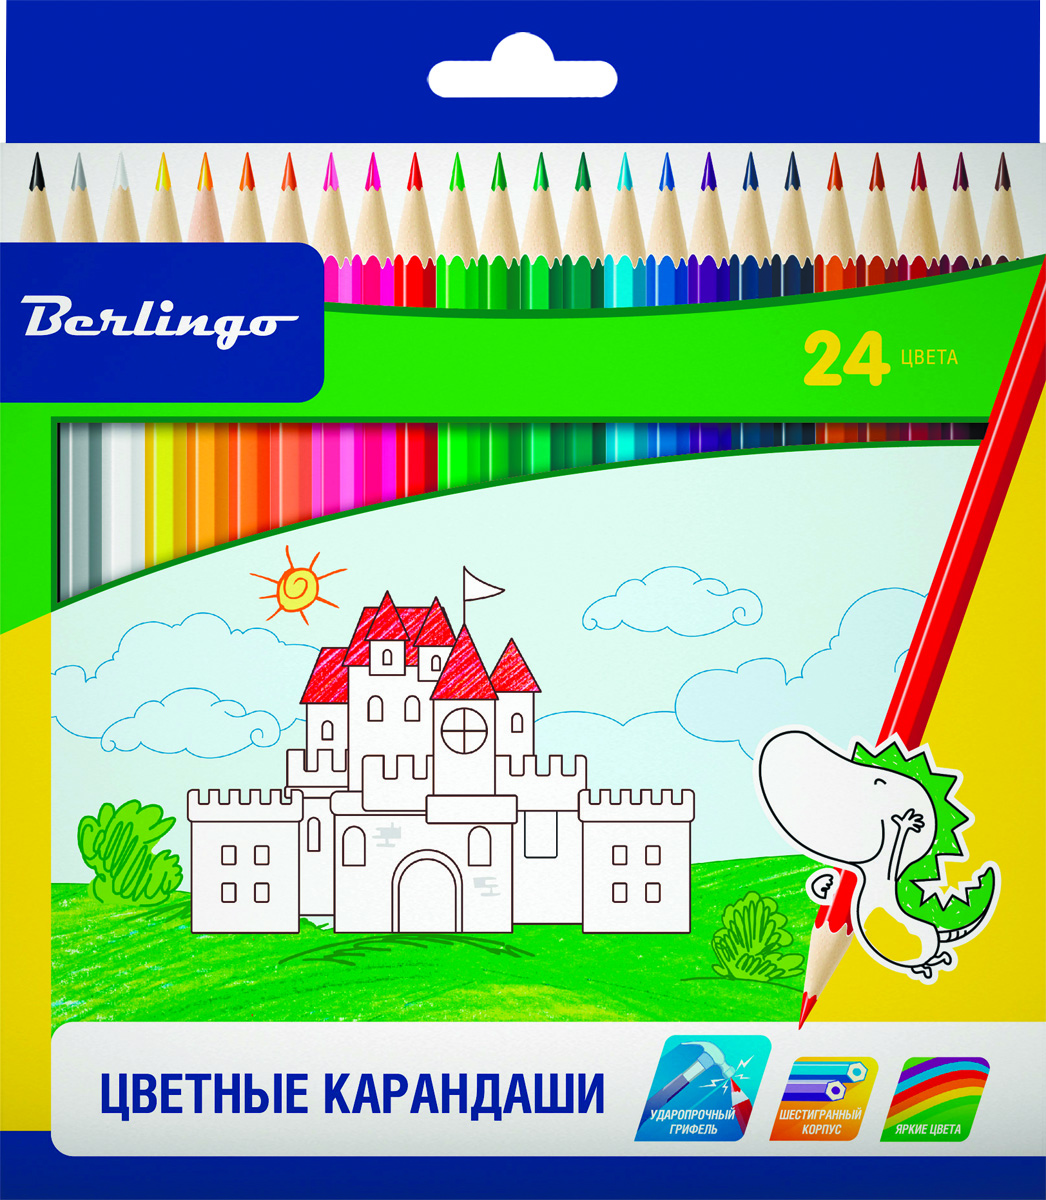 Berlingo Набор цветных карандашей Замки 24 цвета72523WDНабор цветных карандашей Berlingo Замки с заточенным грифелем.Карандаши имеют яркие насыщенные цвета. Штрихи мягко ложатся на бумагу. Карандаши легко затачиваются.